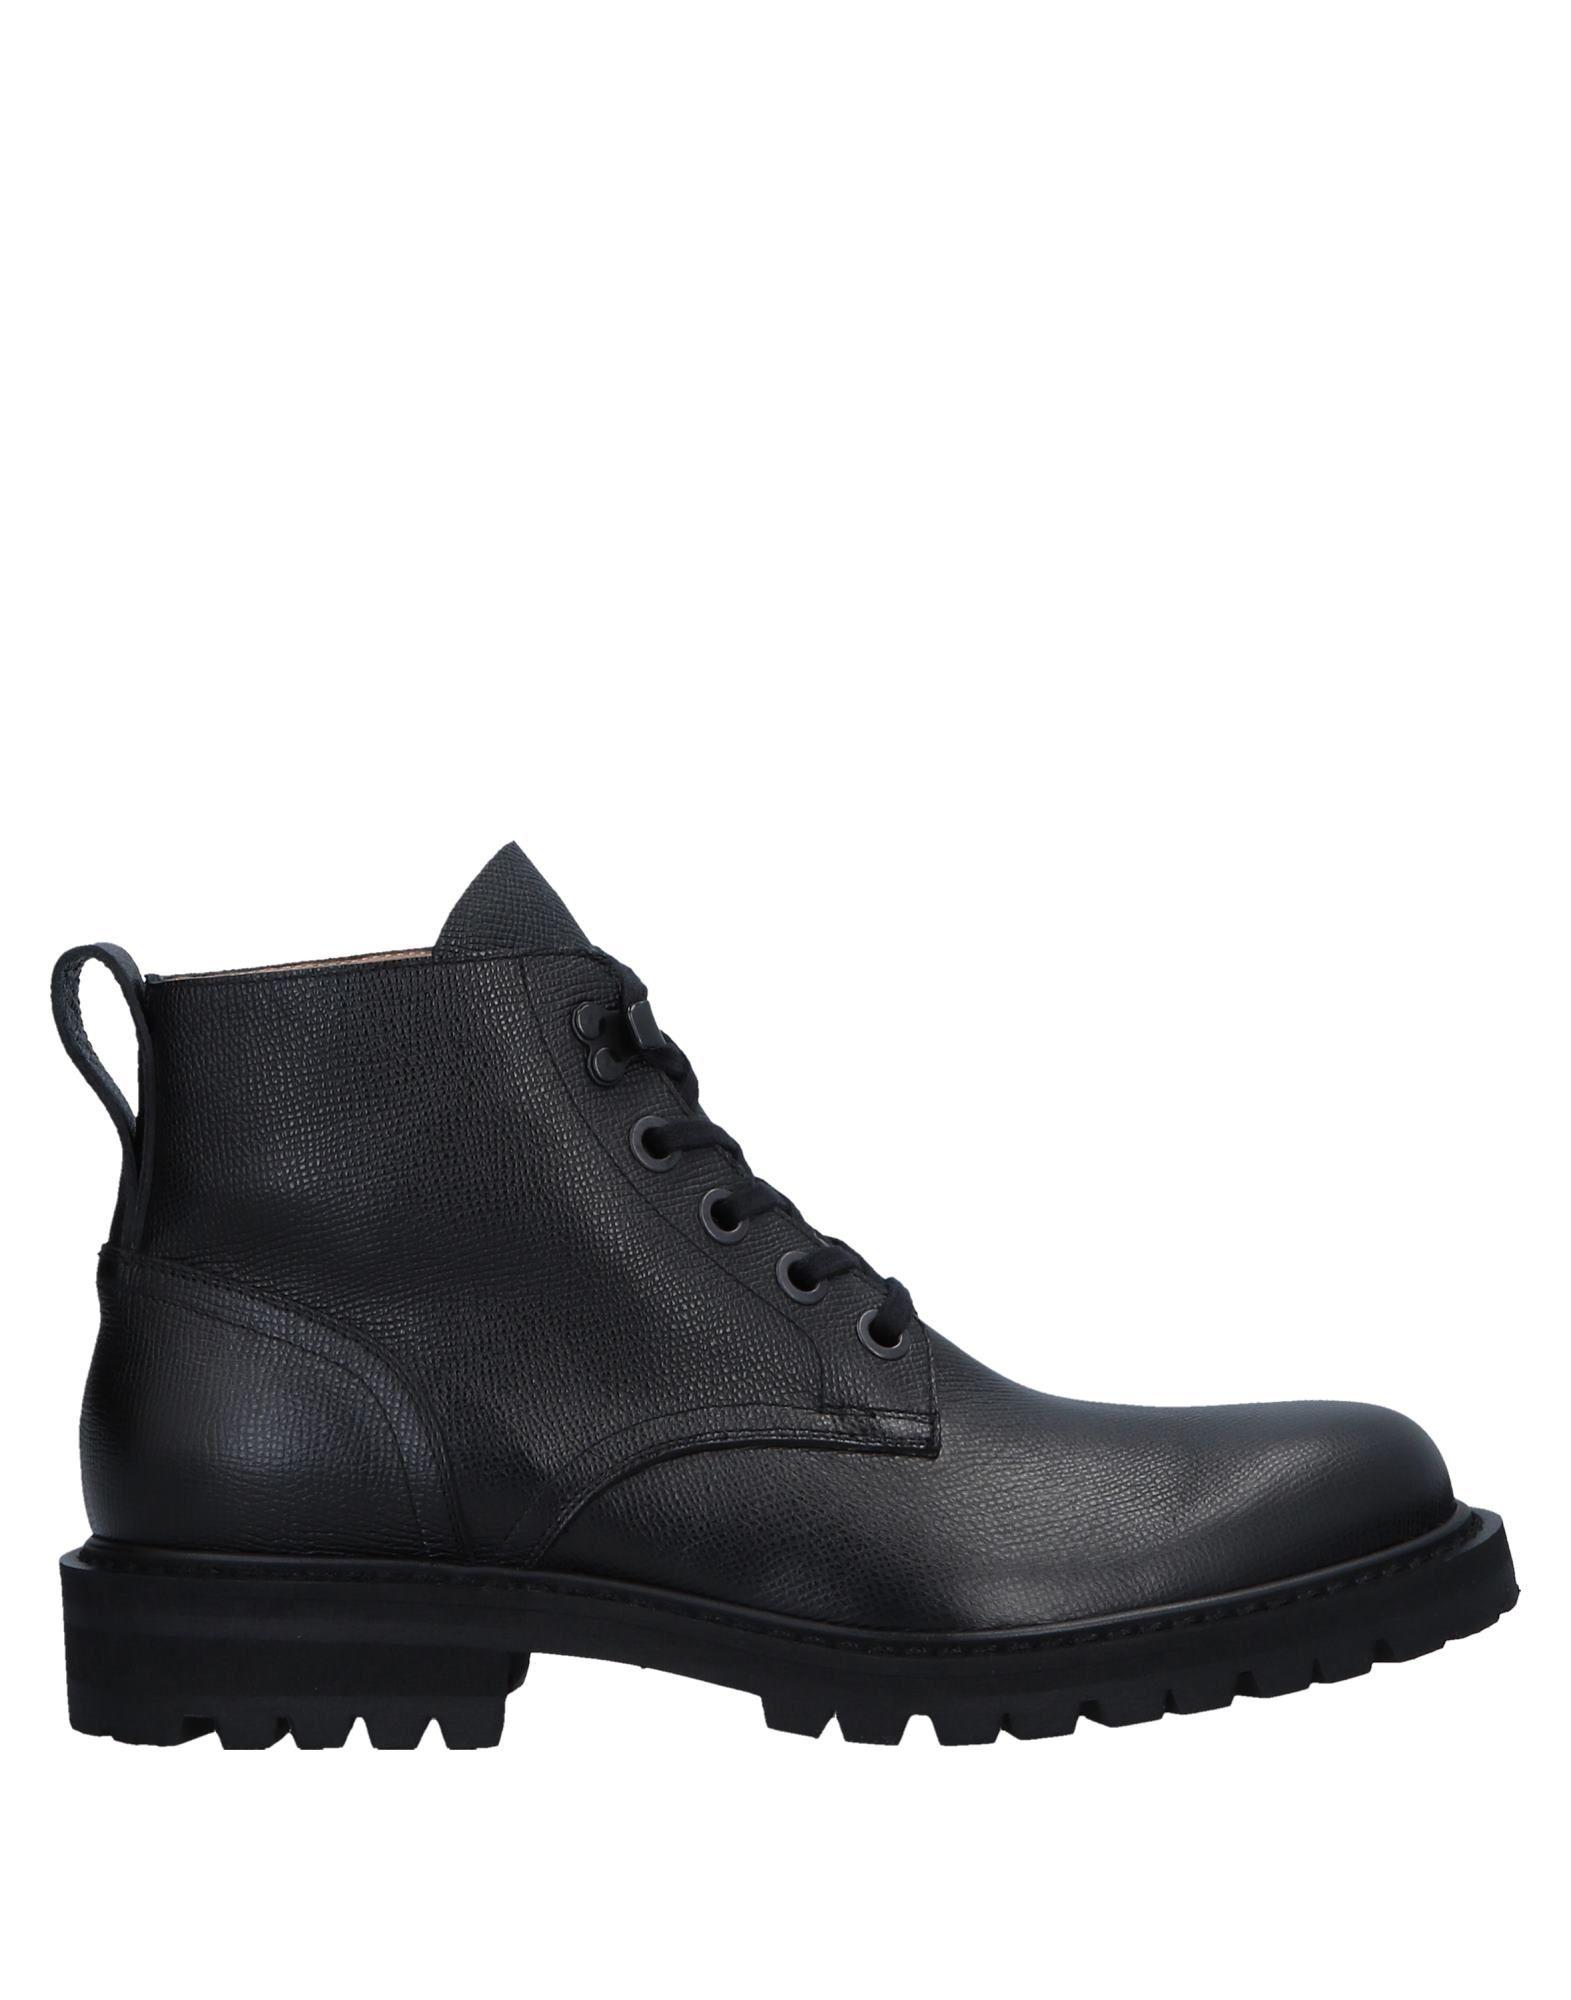 Dries Van Noten Stiefelette Herren  11525454PW Gute Qualität beliebte Schuhe